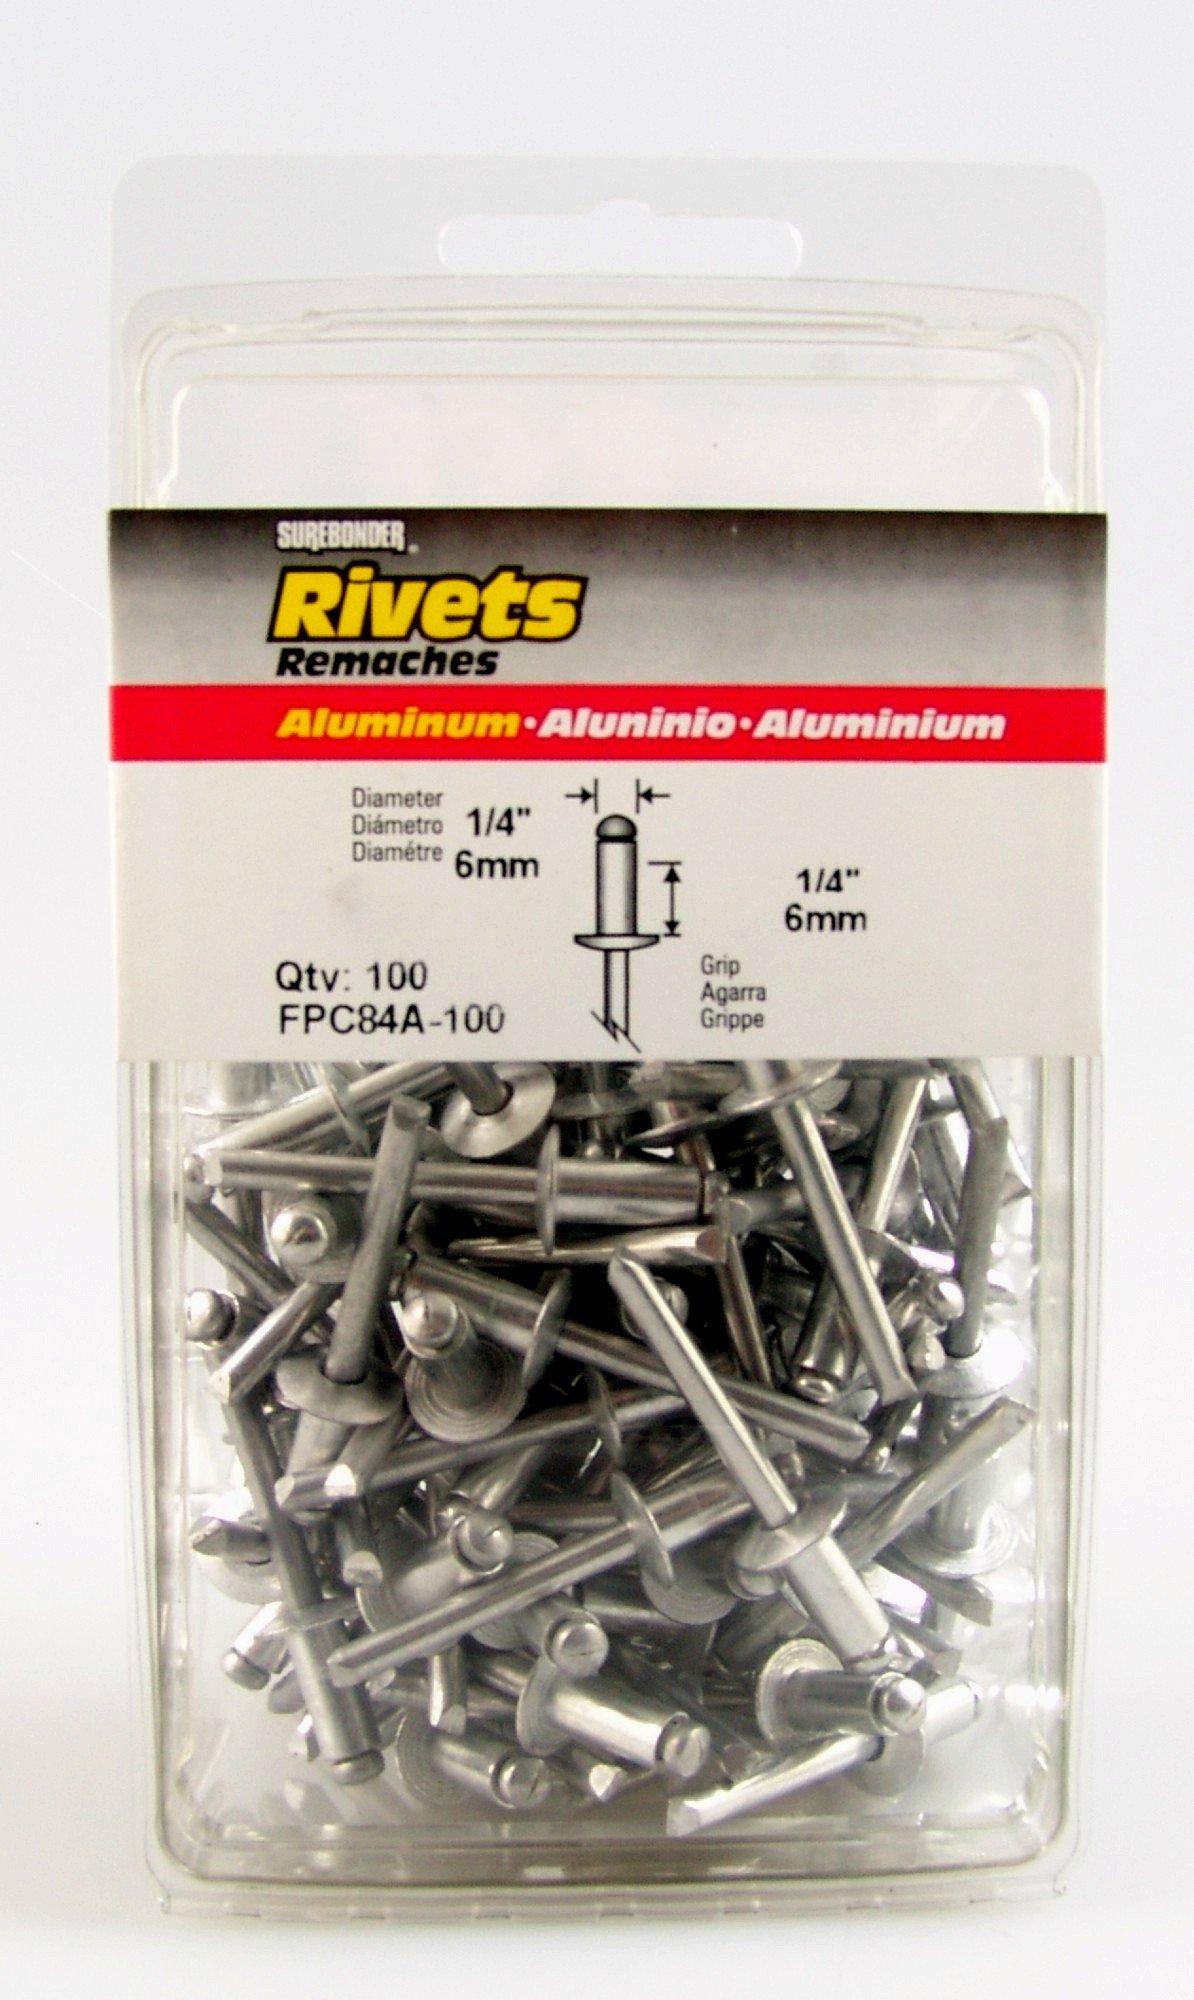 Surebonder FPC84A-100 1/4-inch Aluminum Short Rivets (100 per box)